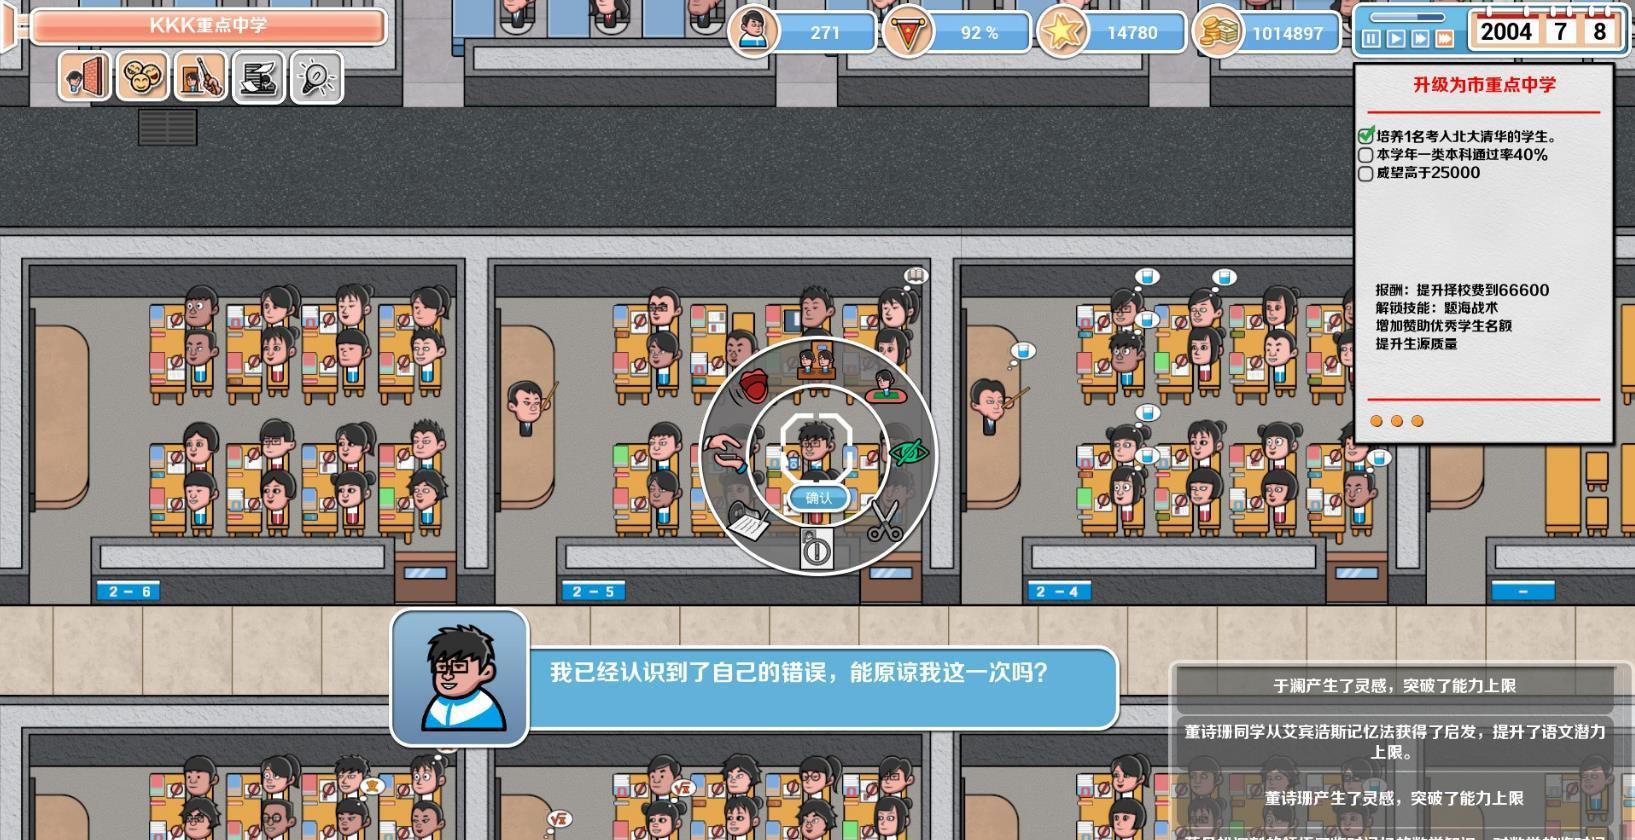 高考工厂模拟图2